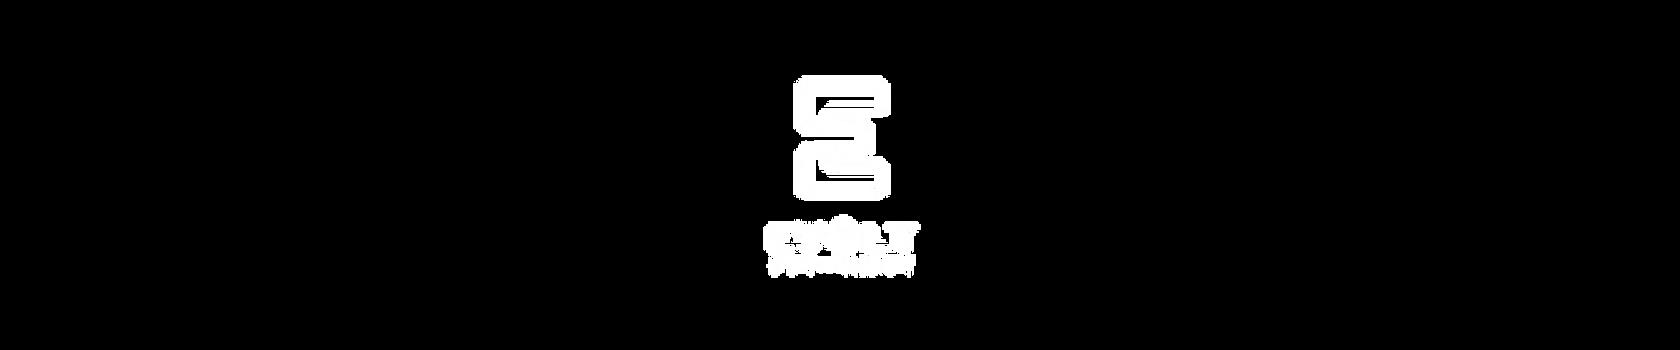 evolt white logo full.png